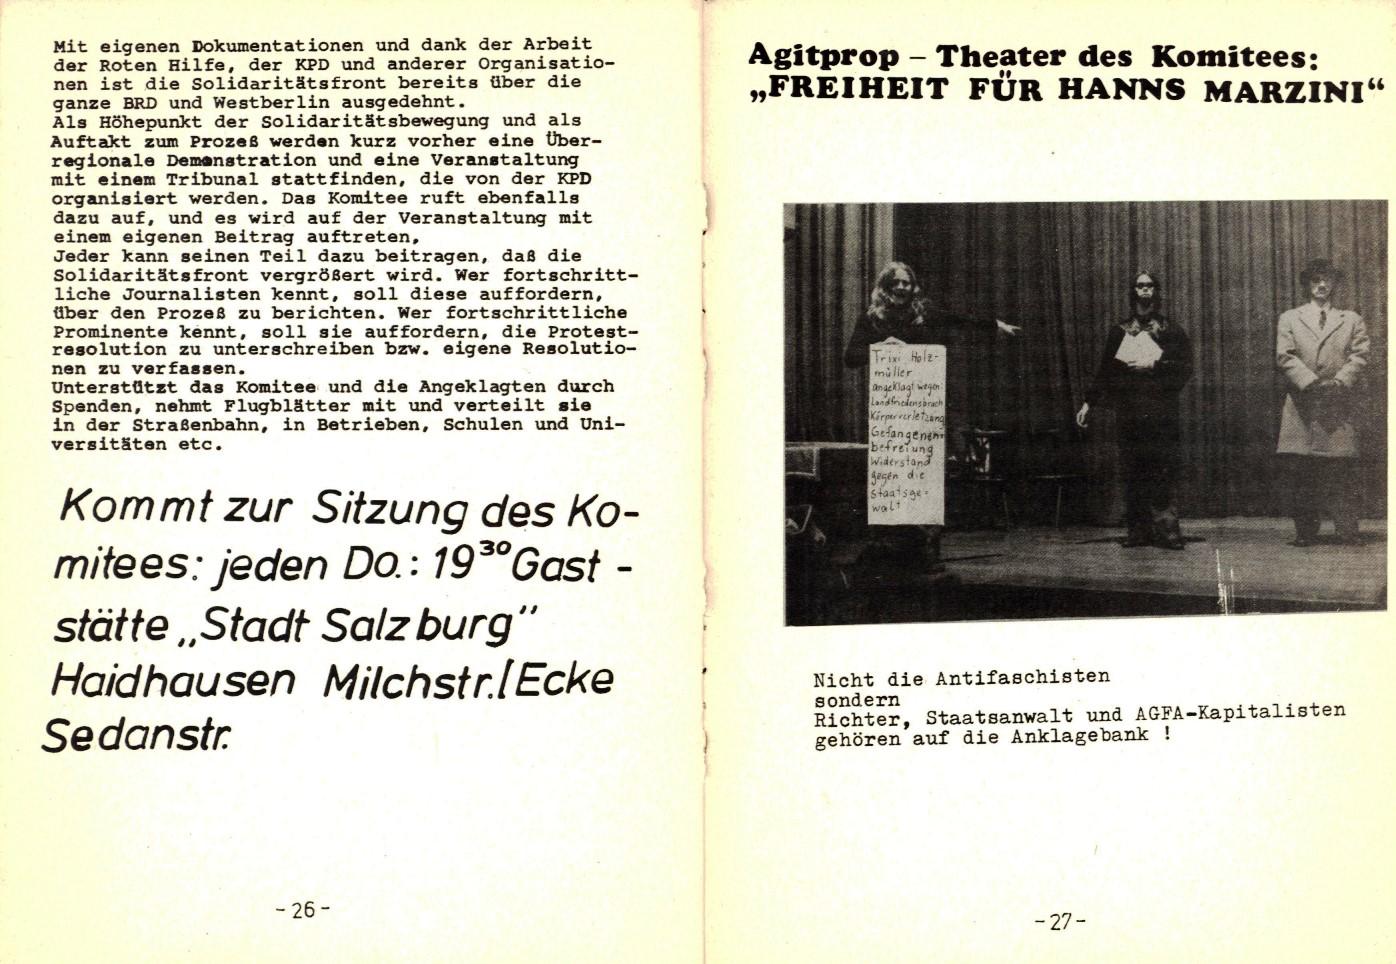 Muenchen_KPDAO_1975_Solikomitee_Marzini_15